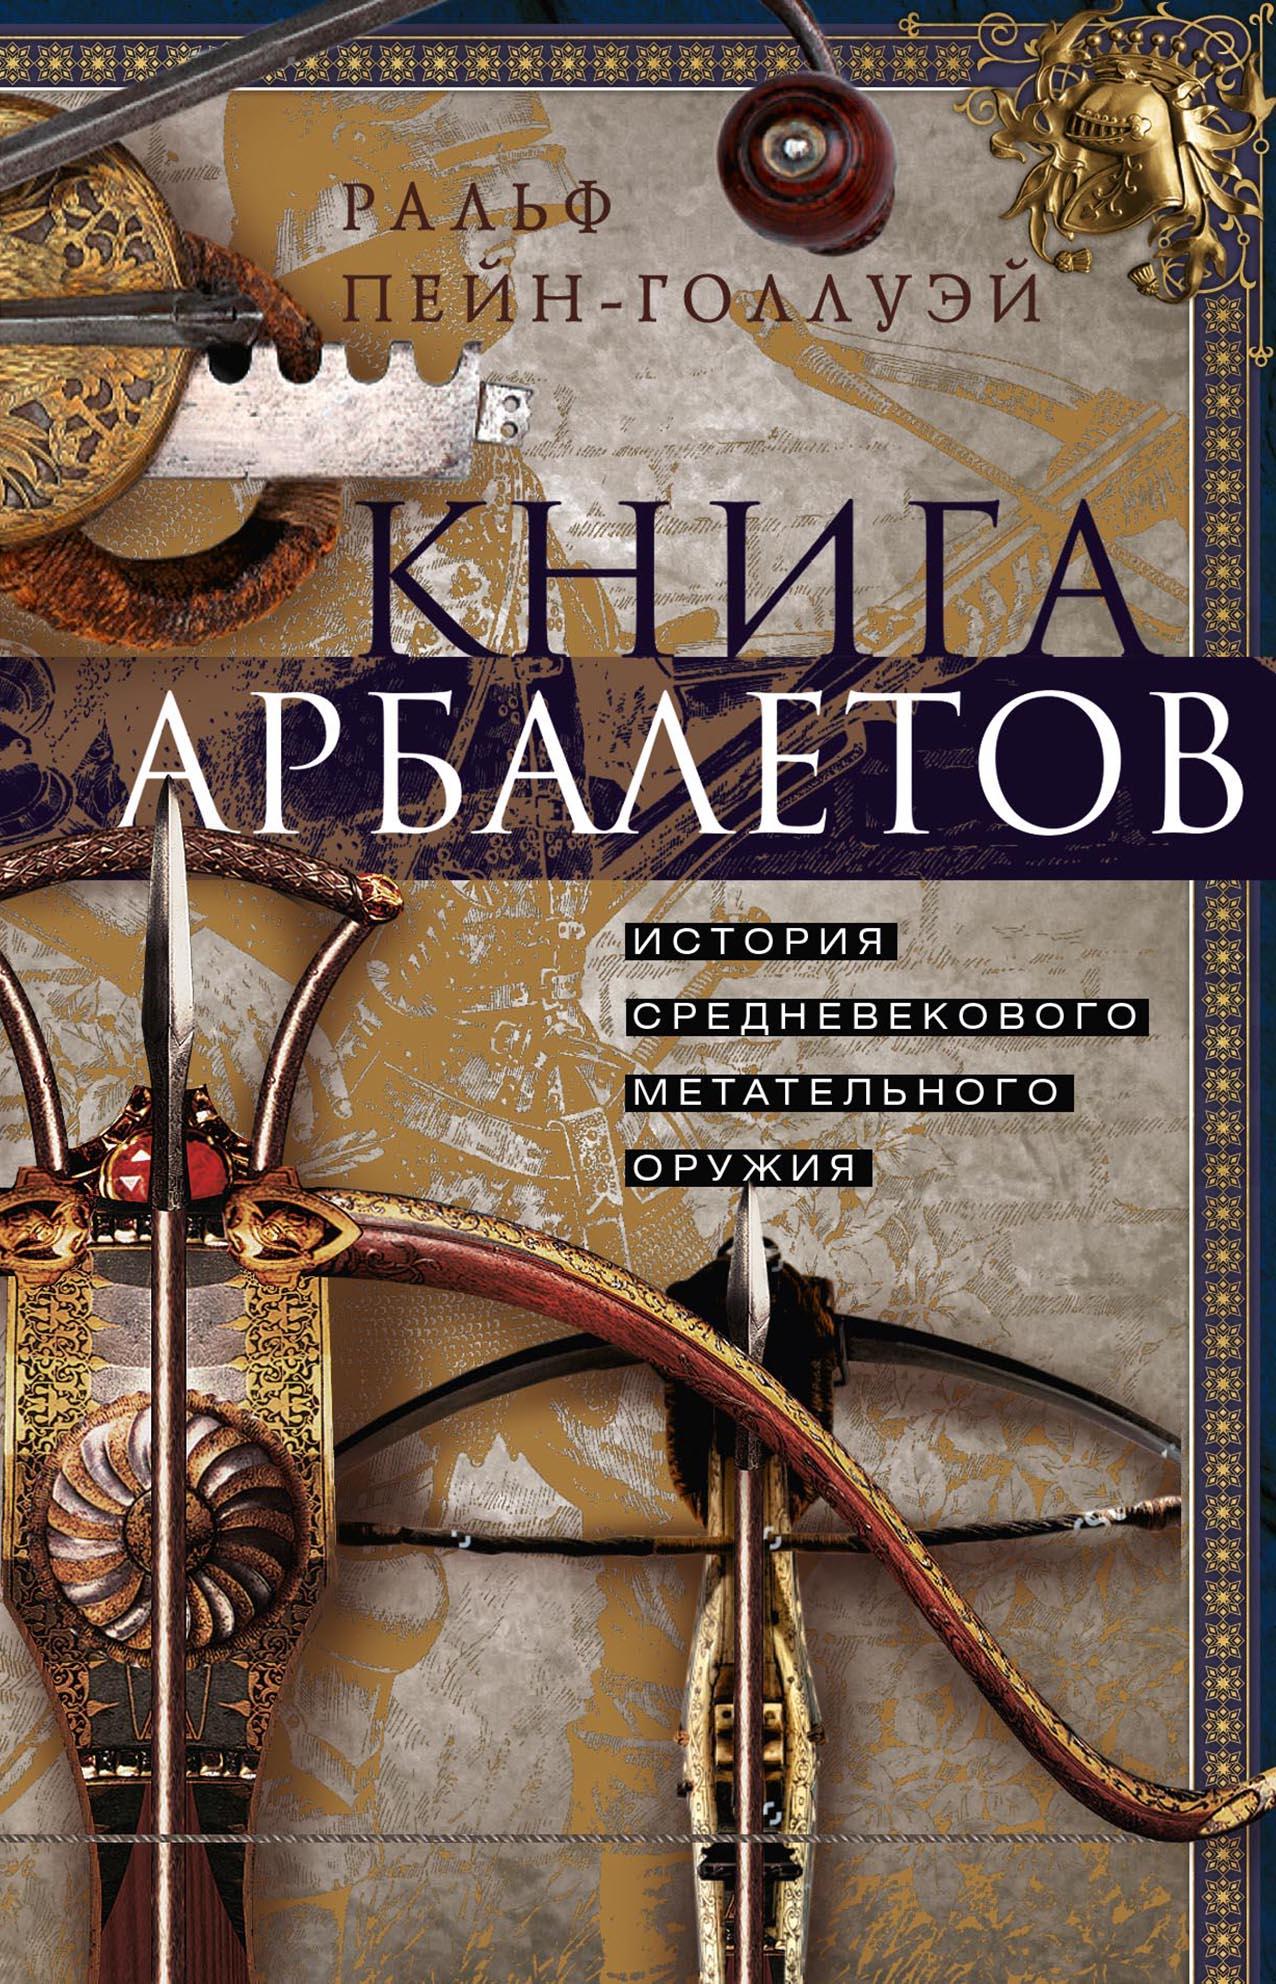 Книга арбалетов. История средневекового метательного оружия